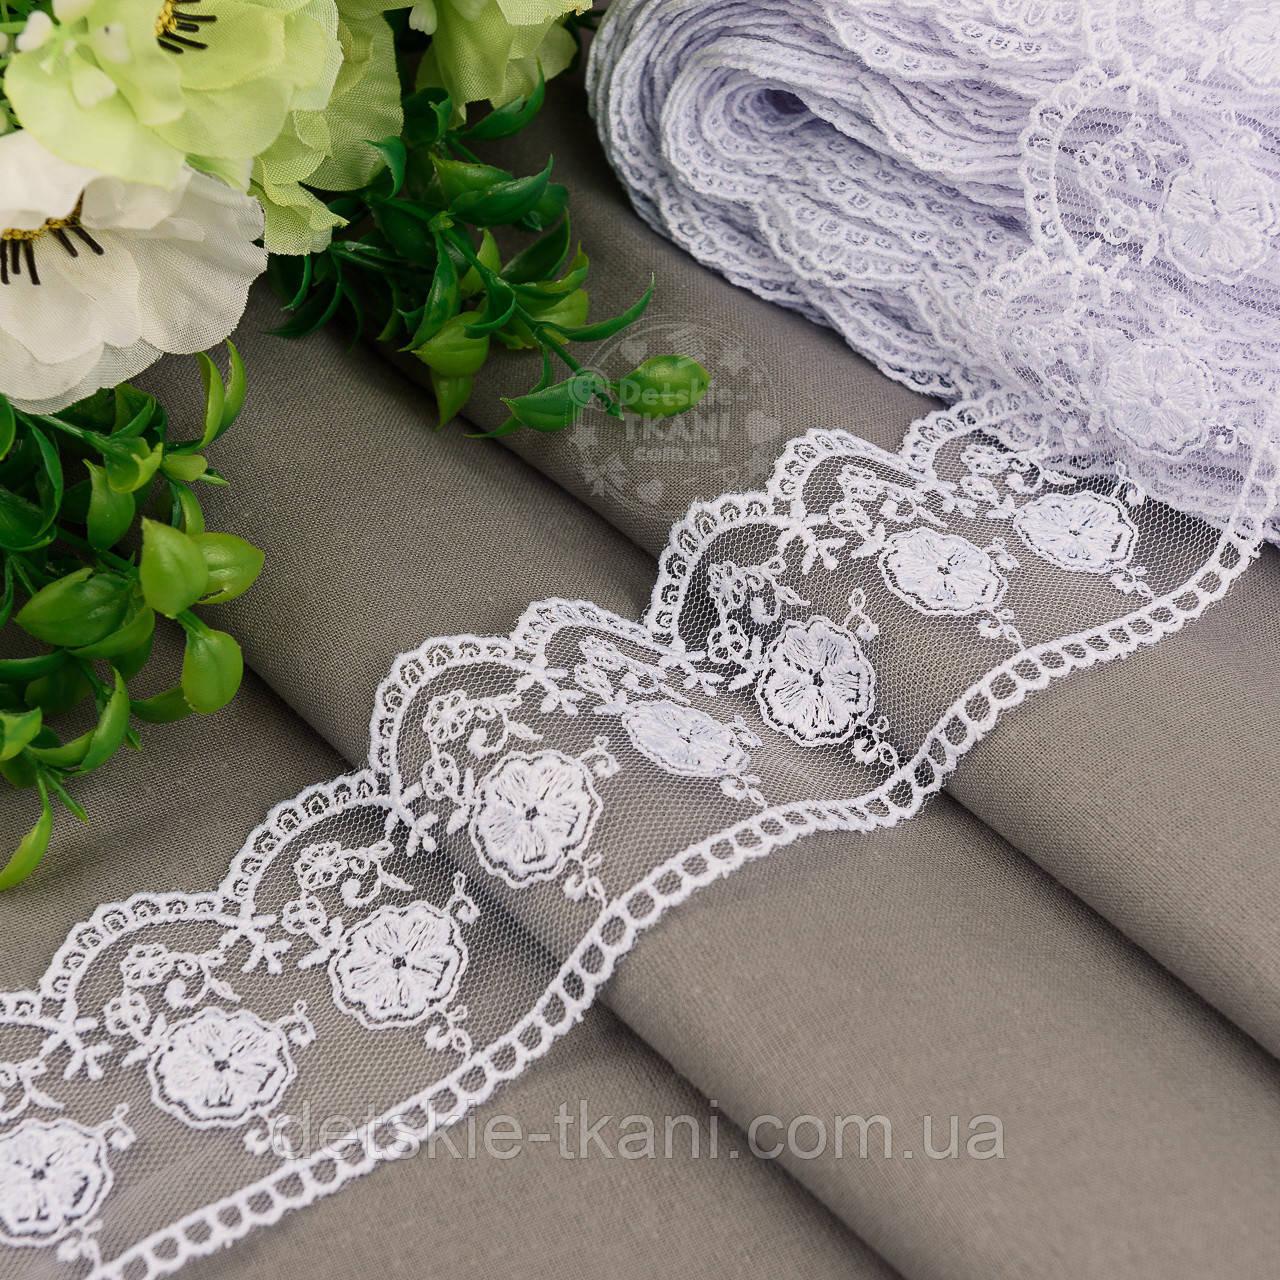 Кружево на сеточке белого цвета с вышивкой матовой нитью, ширина 5 см (реплика бренда), № 5234бел